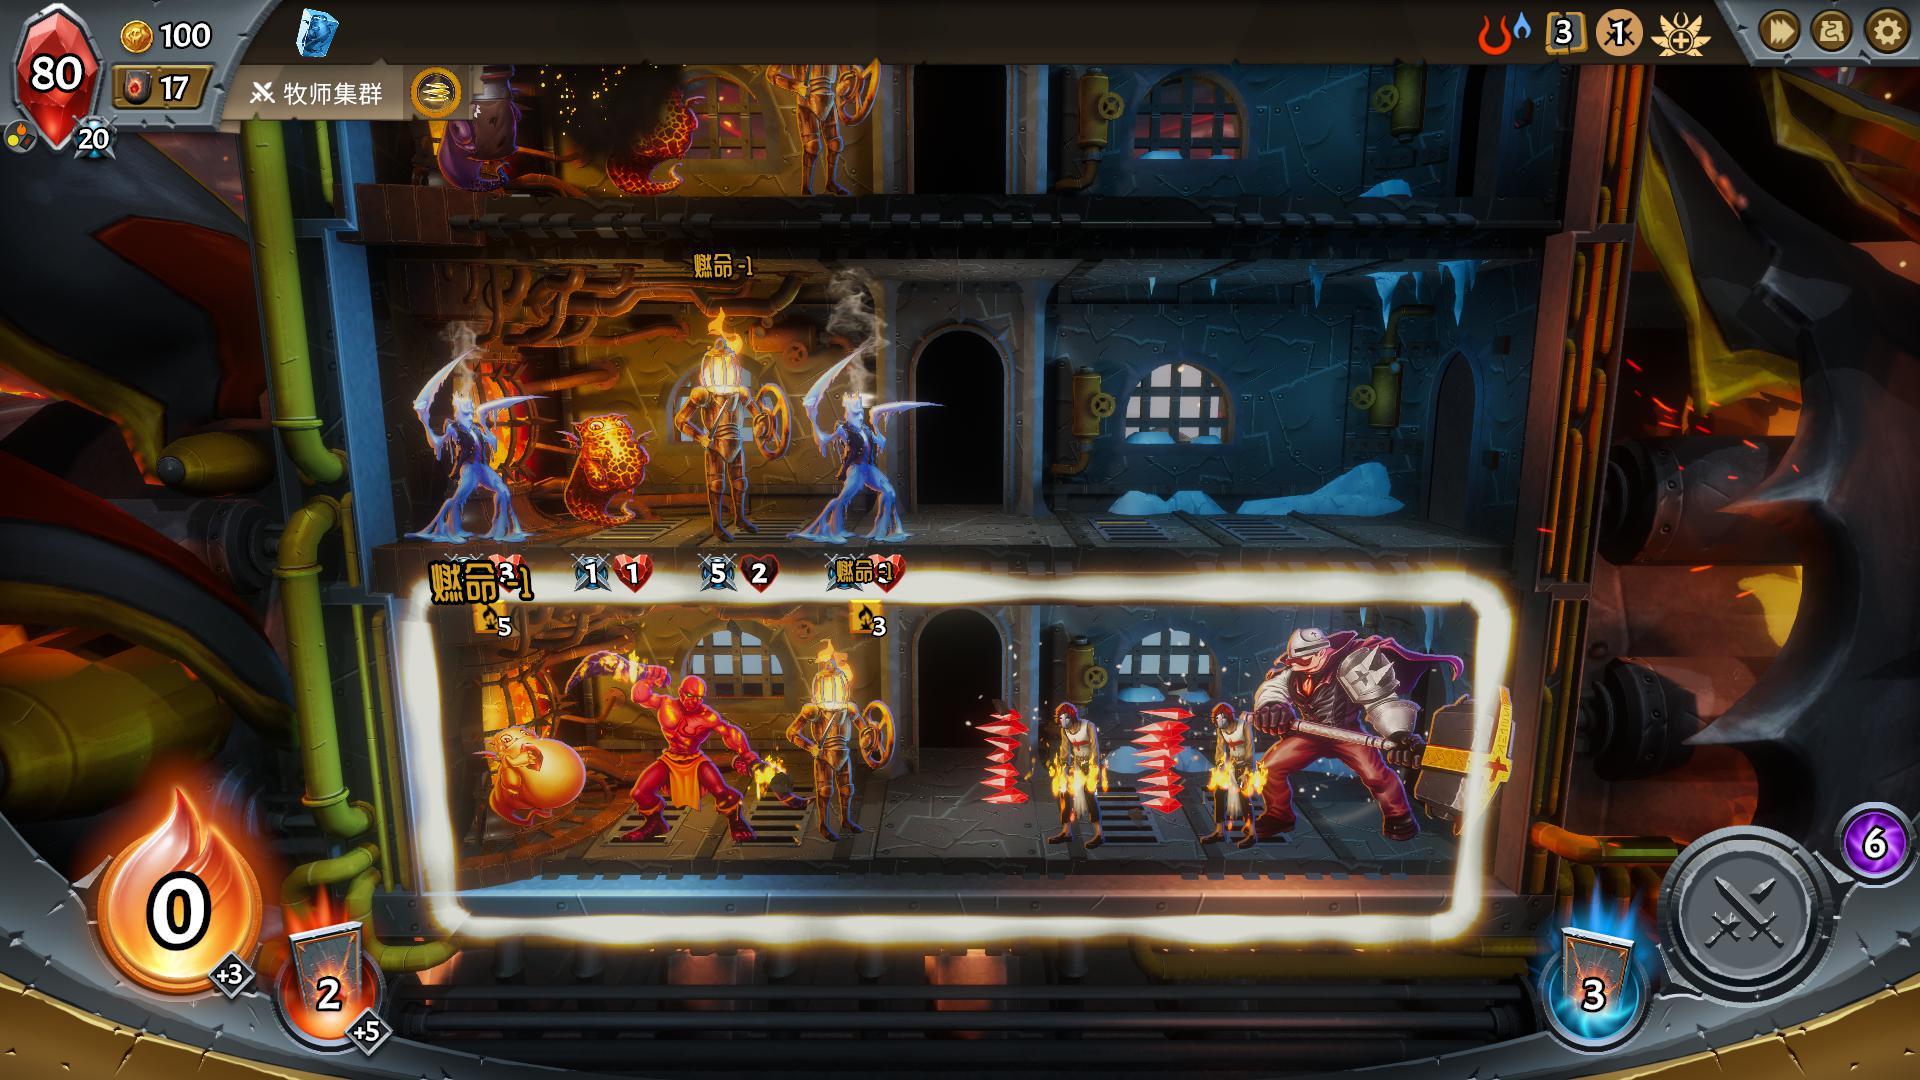 《怪物火车》评测:卡牌Roguelike又一经典的诞生 (3)